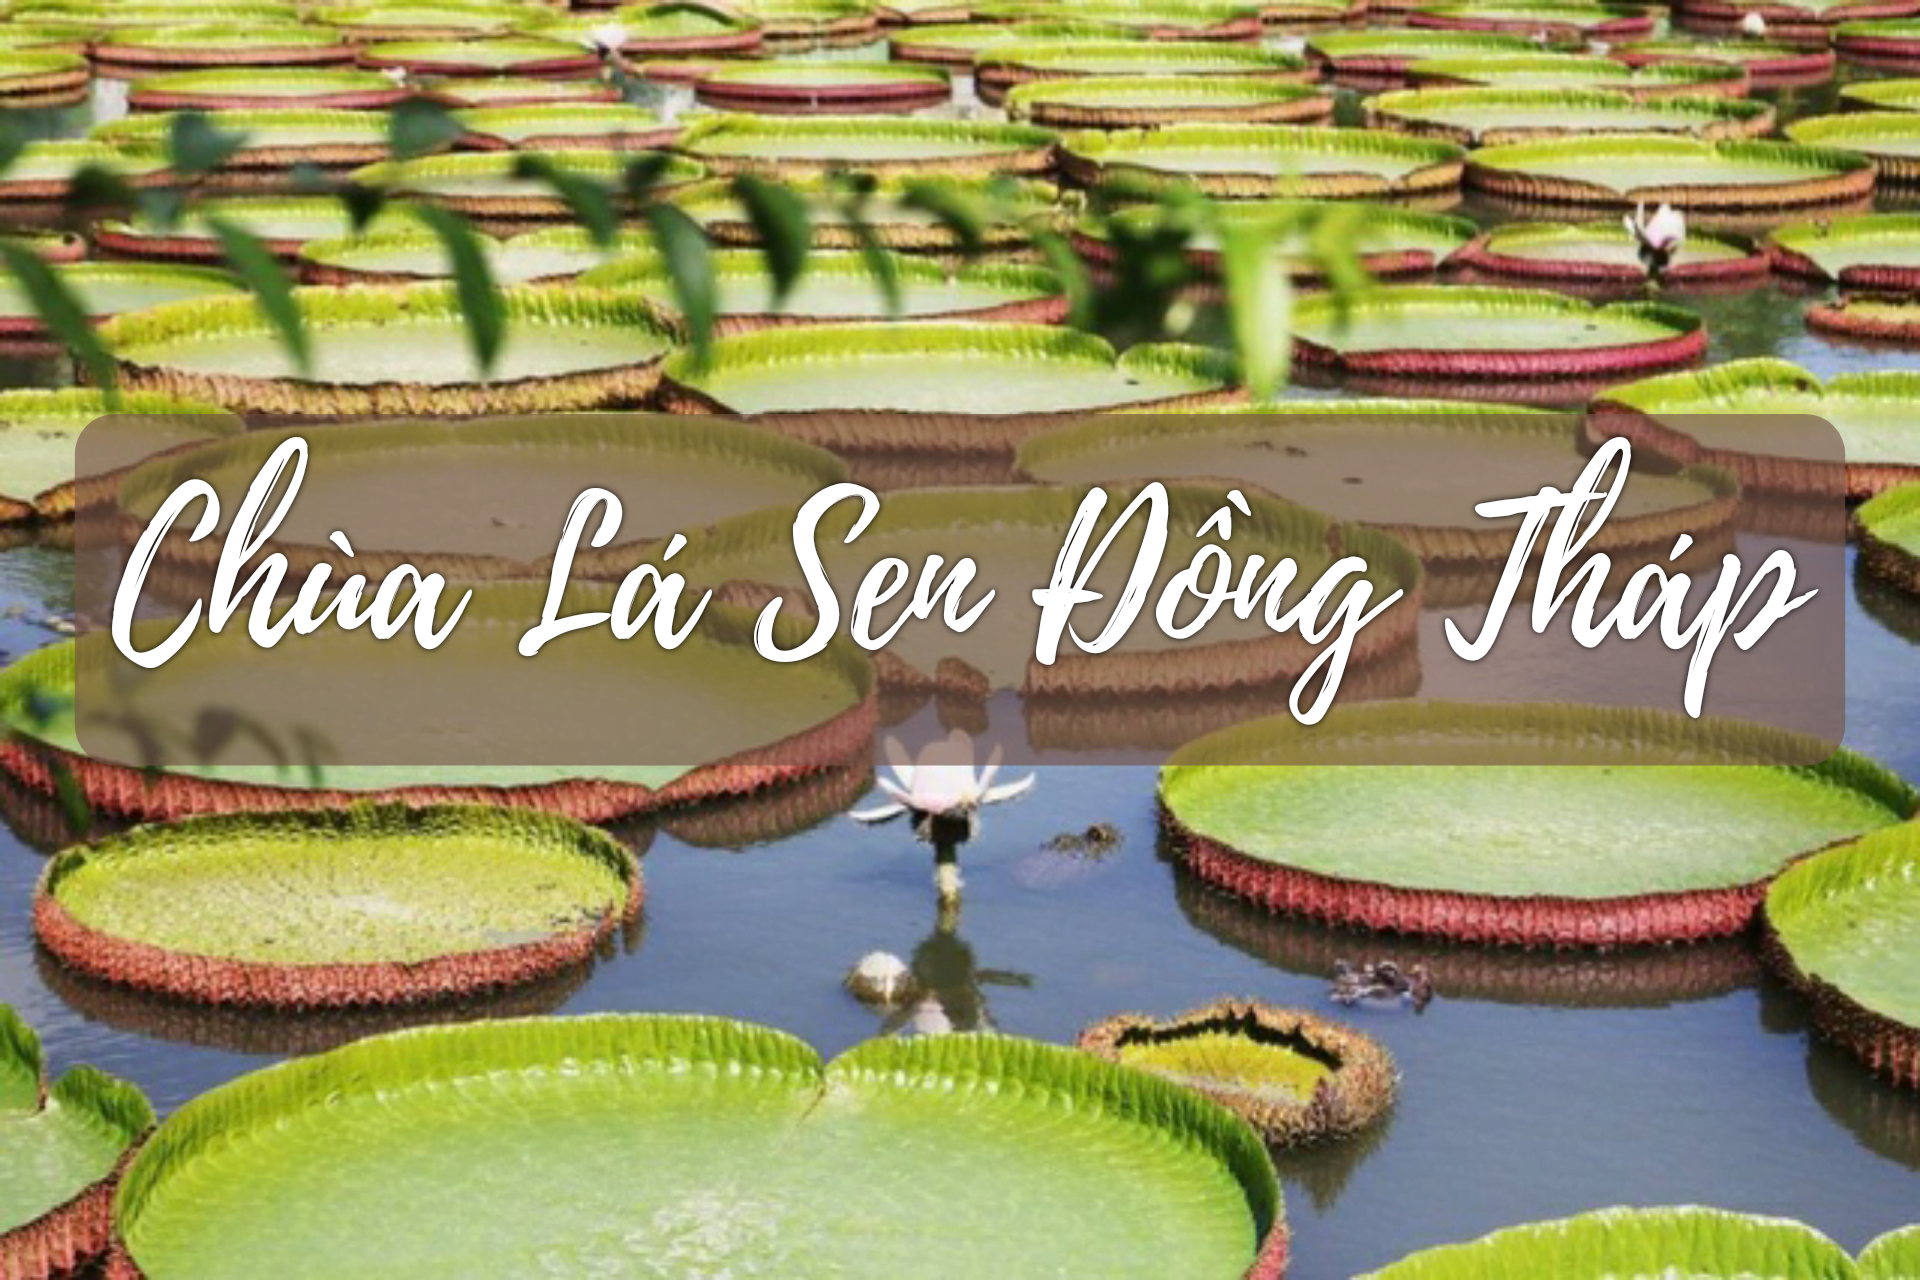 Tour du lịch miền tây 4N3Đ: Đồng Tháp - Châu Đốc - Cà Mau - Bạc Liêu - Sóc Trăng 1